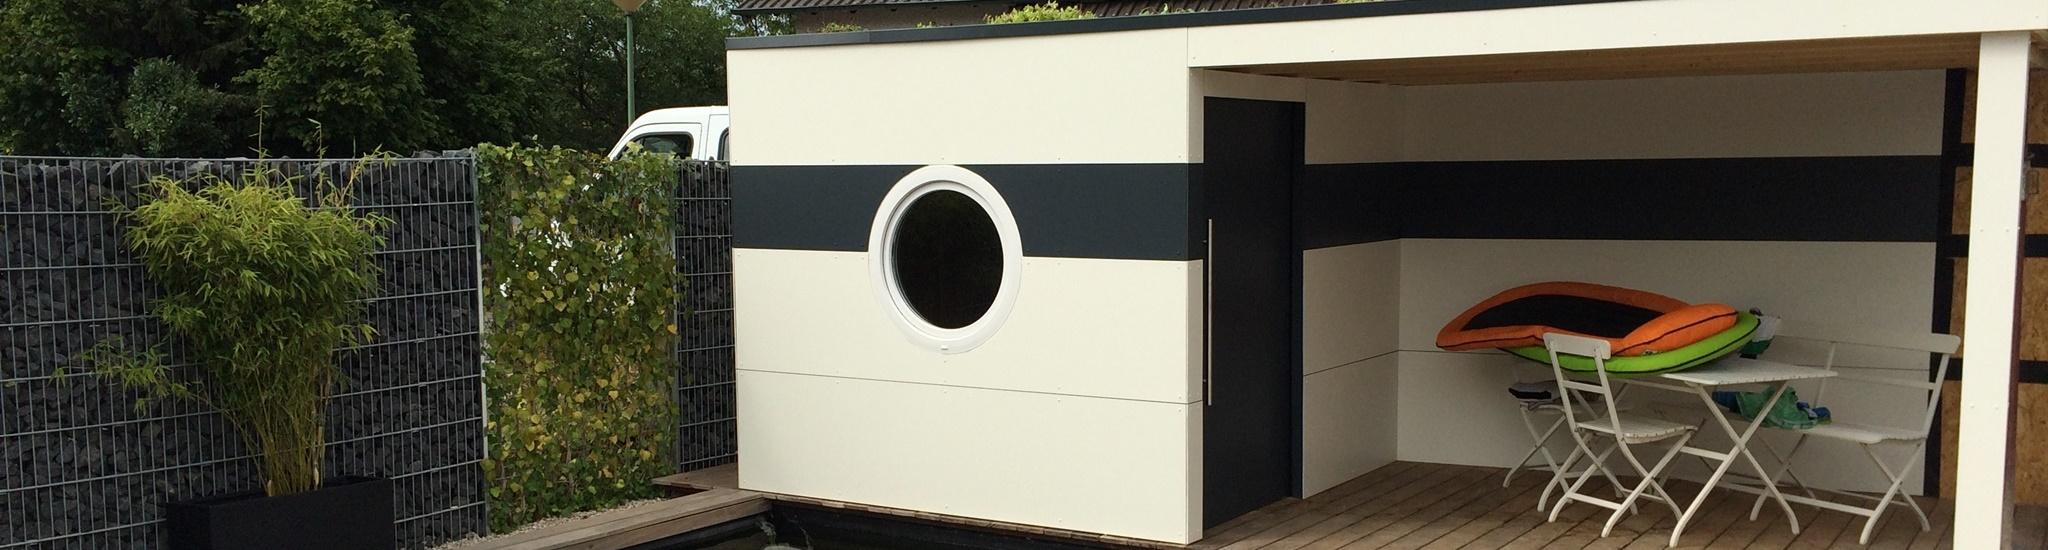 moderne gartenhäuser - wir bauen nach ihren wünschen